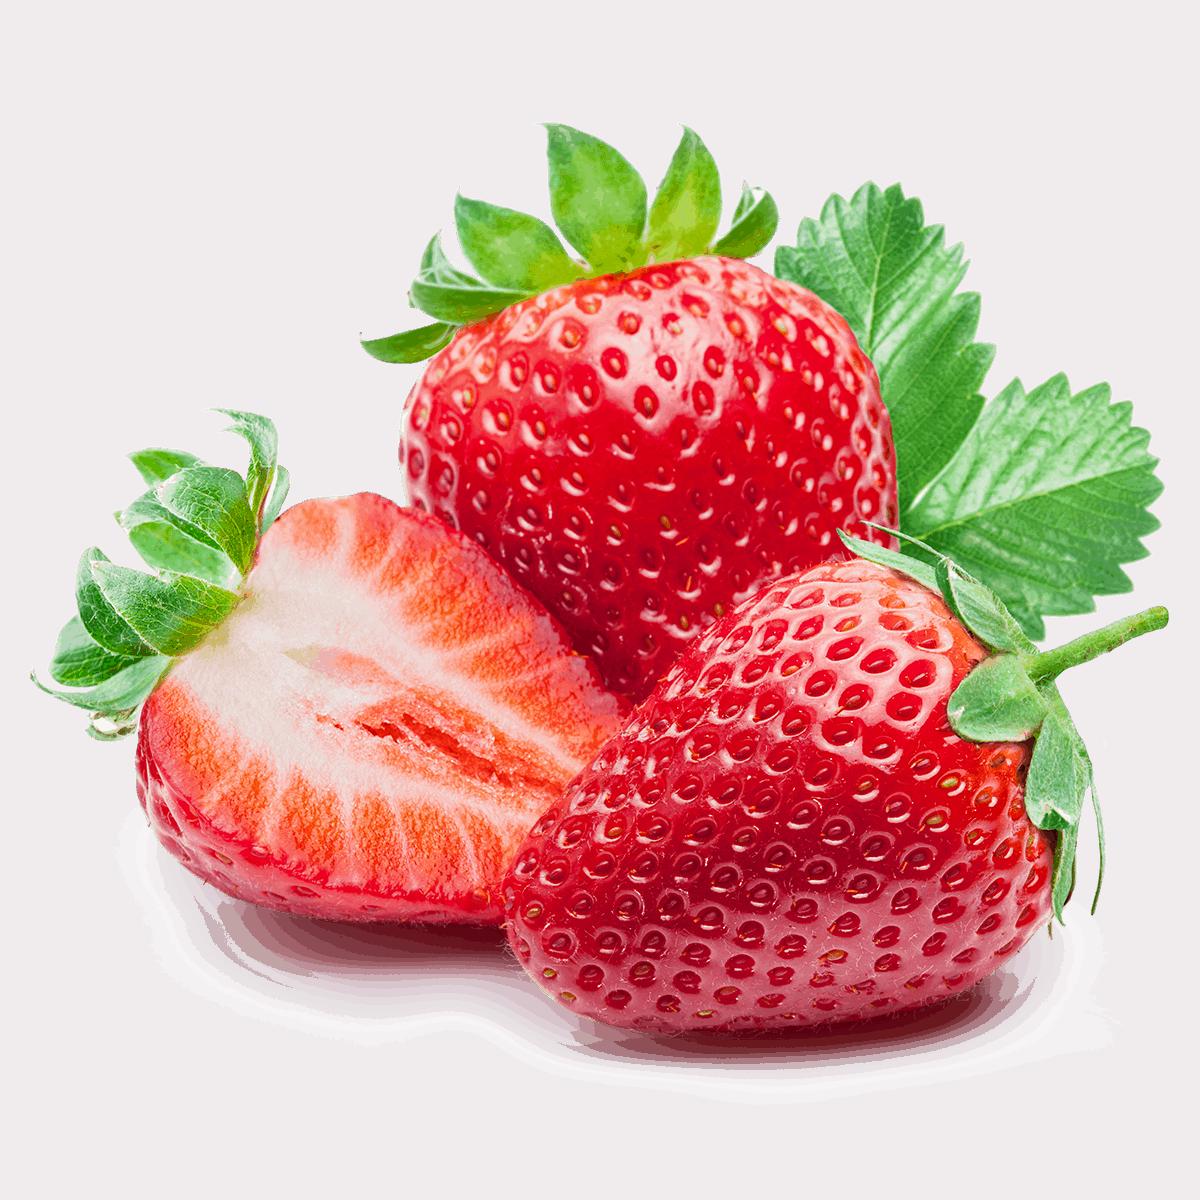 freisteller_karls_erdbeeren